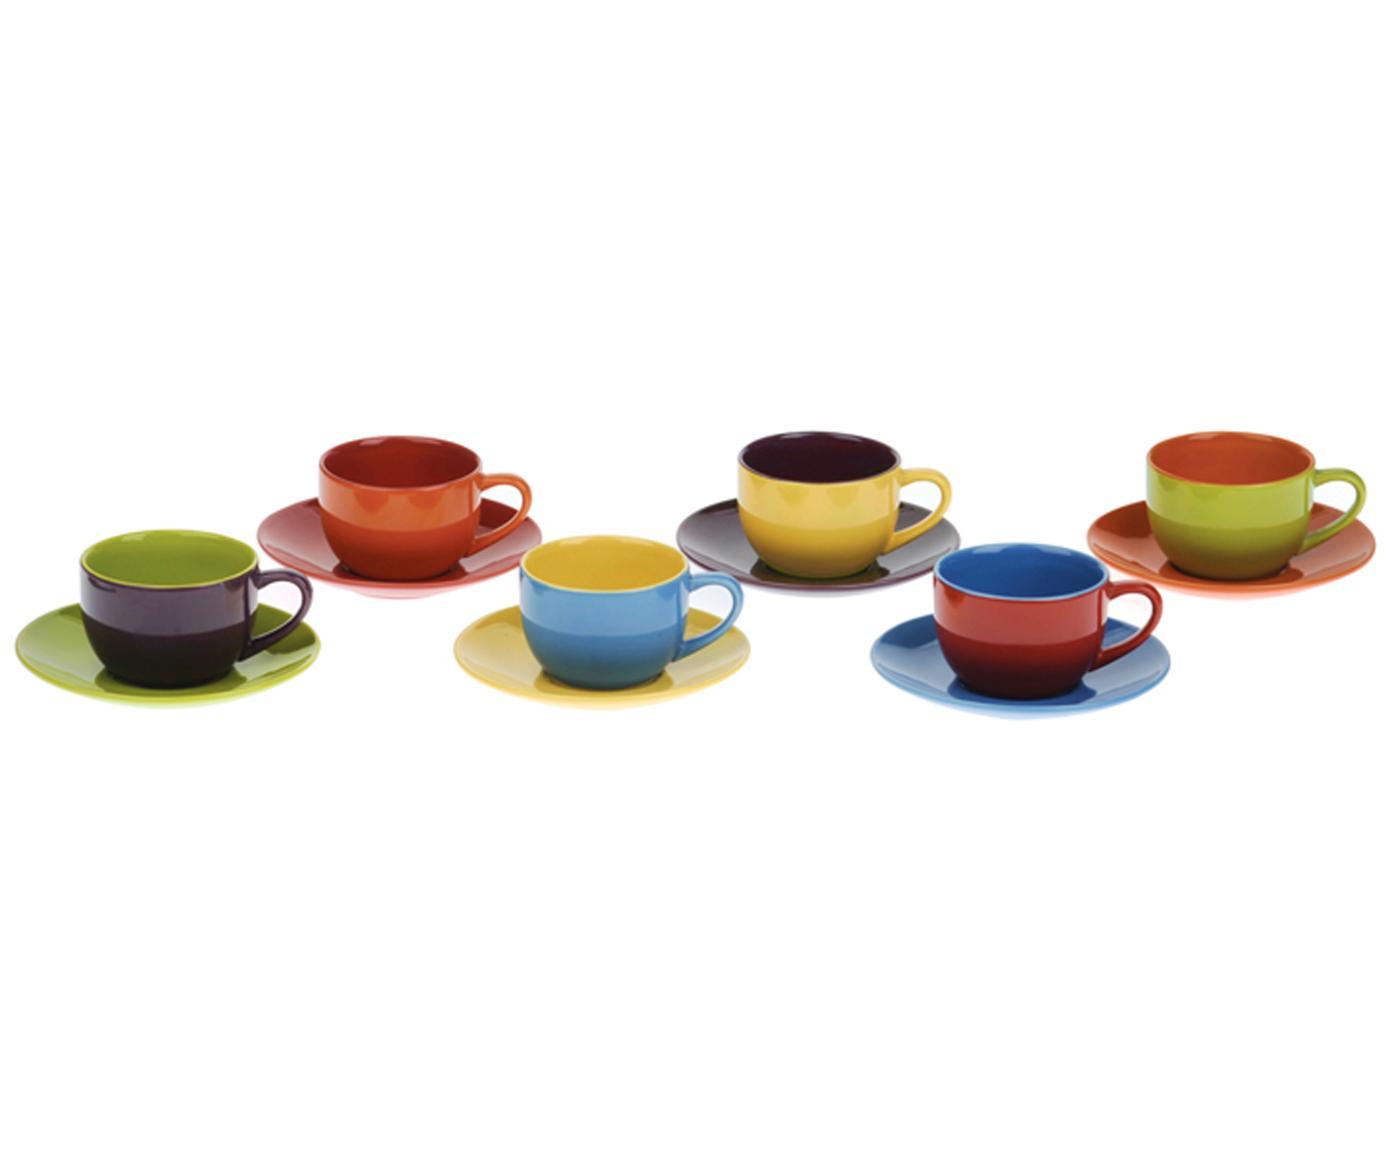 Bunte Espressotassen mit Untertassen Harlequin, 6 Stück, Steingut, Mehrfarbig, Ø 12 x H 5 cm